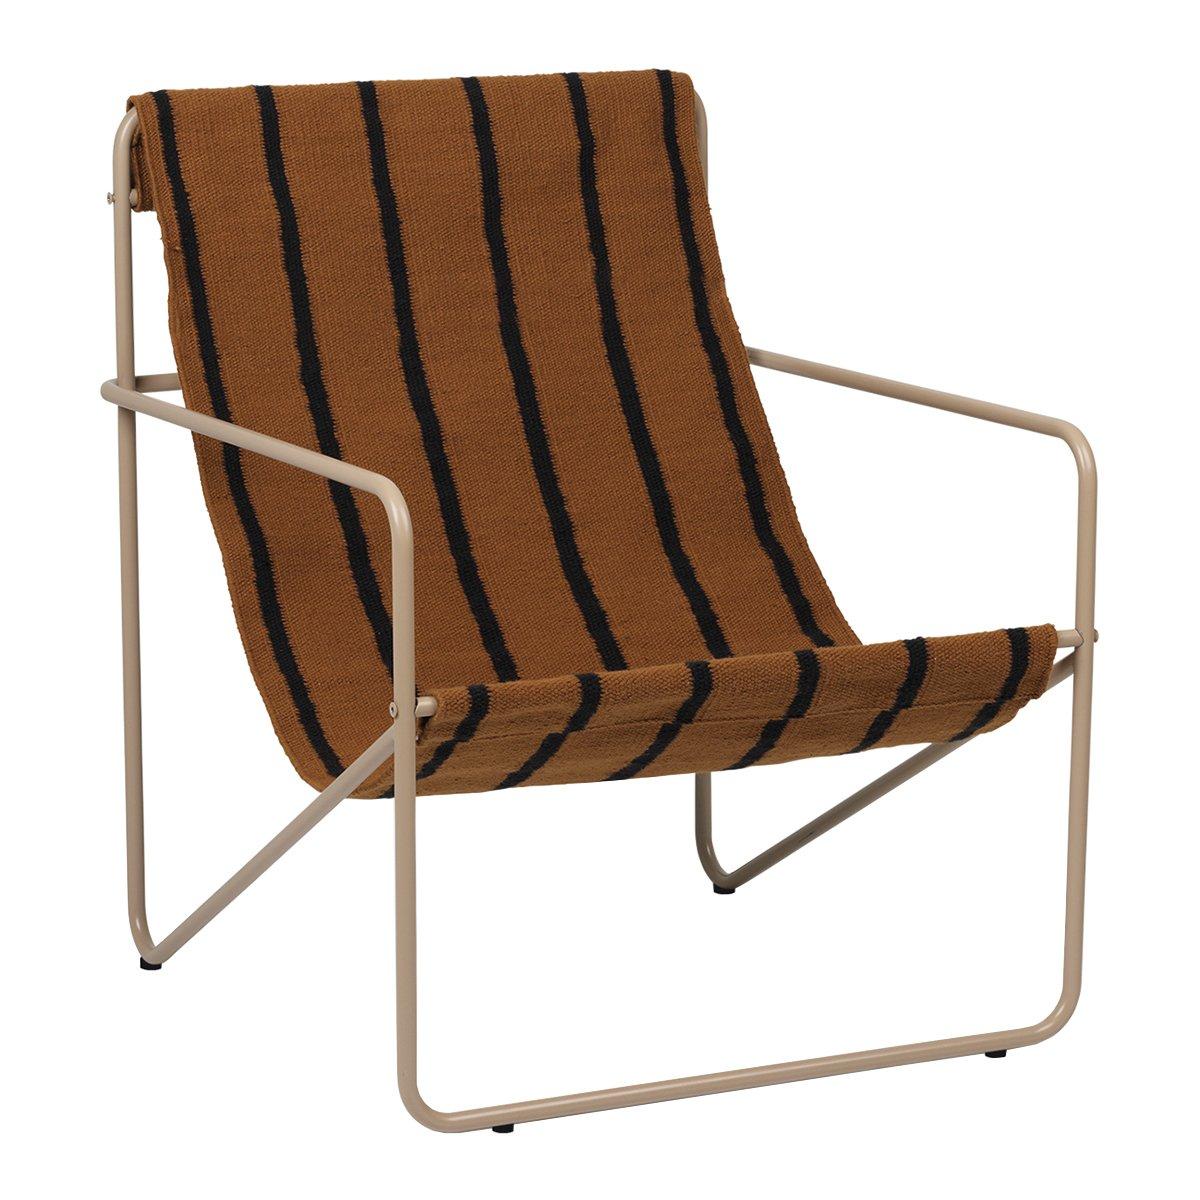 Ferm Living Desert Stoel - Cashmere - Stripe